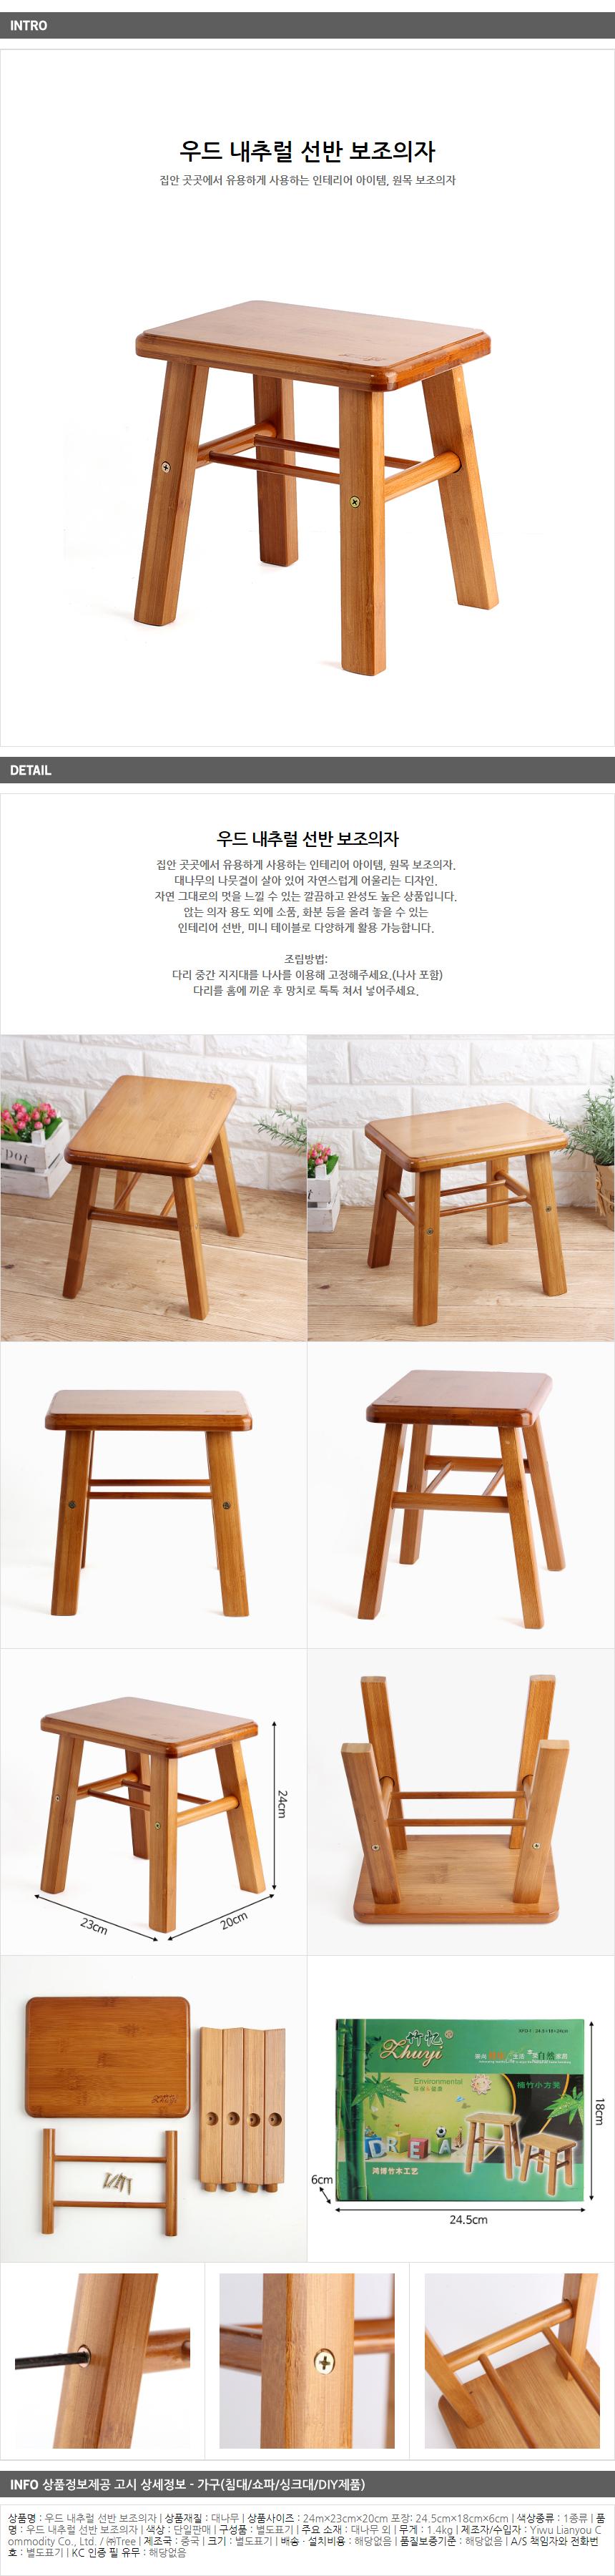 원목 미니 스툴의자 - 기프트갓, 11,380원, 디자인 의자, 우드의자